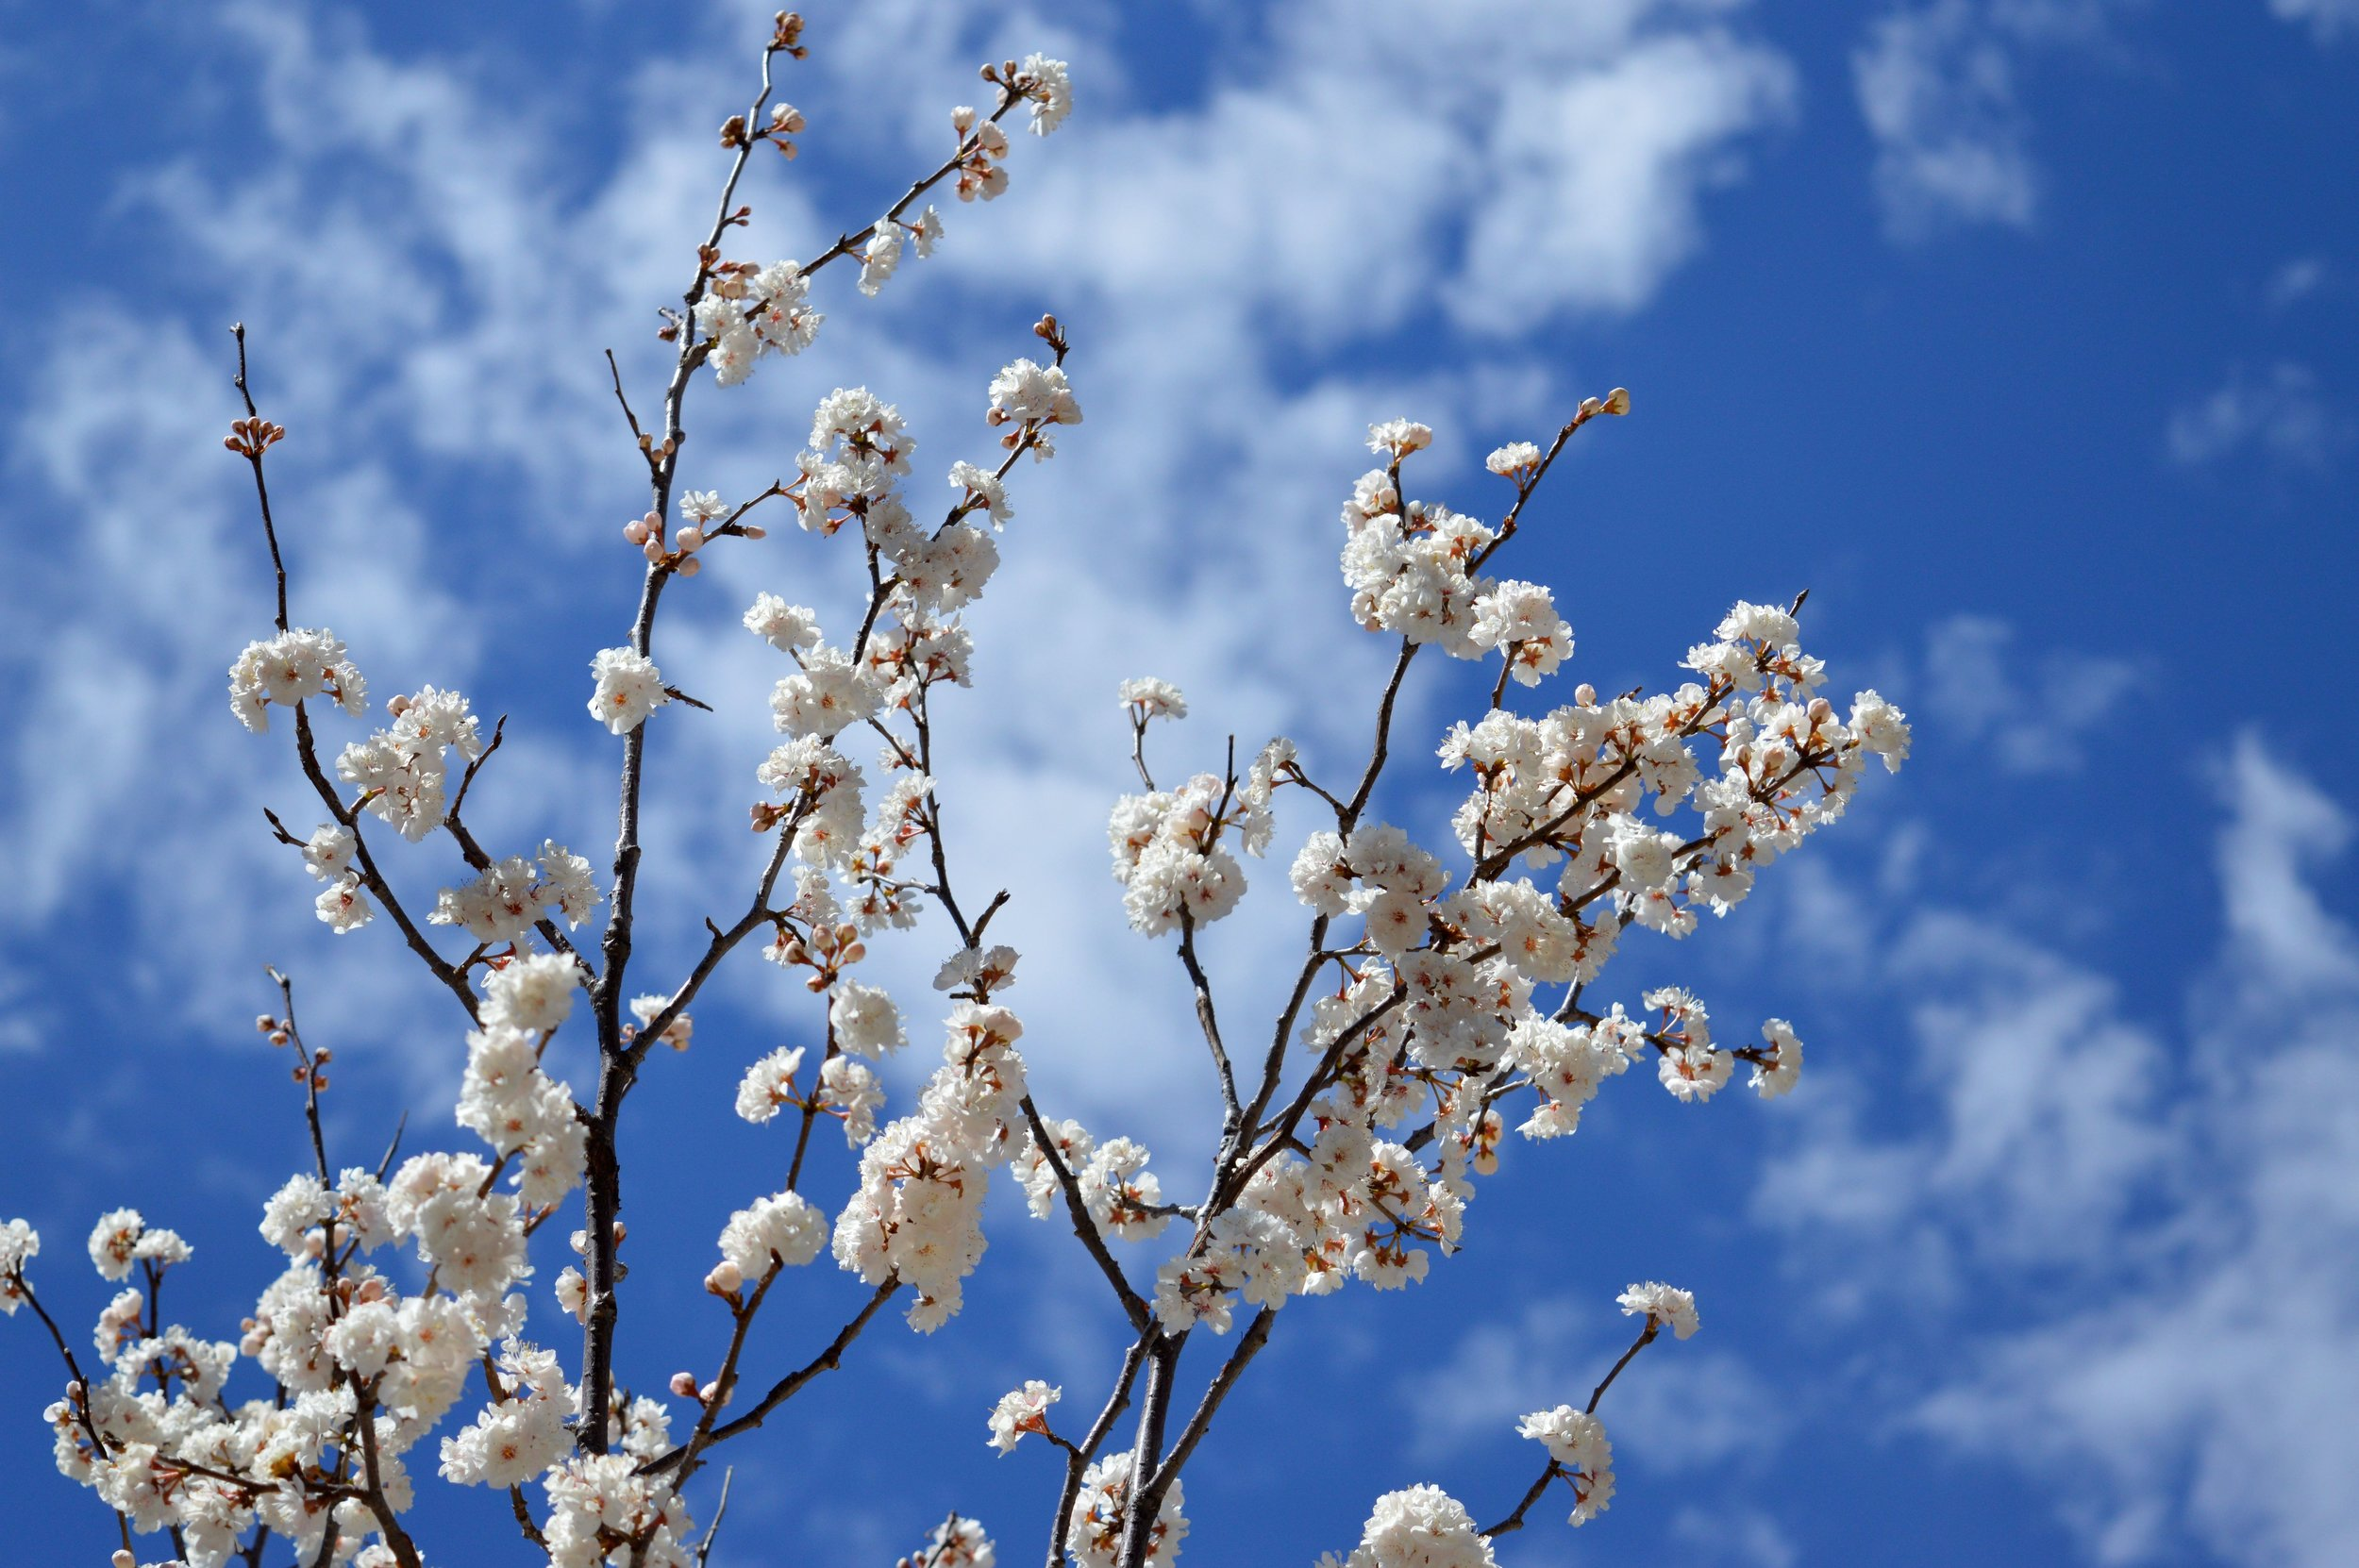 denver-botanic-gardens-April-13-7.jpg